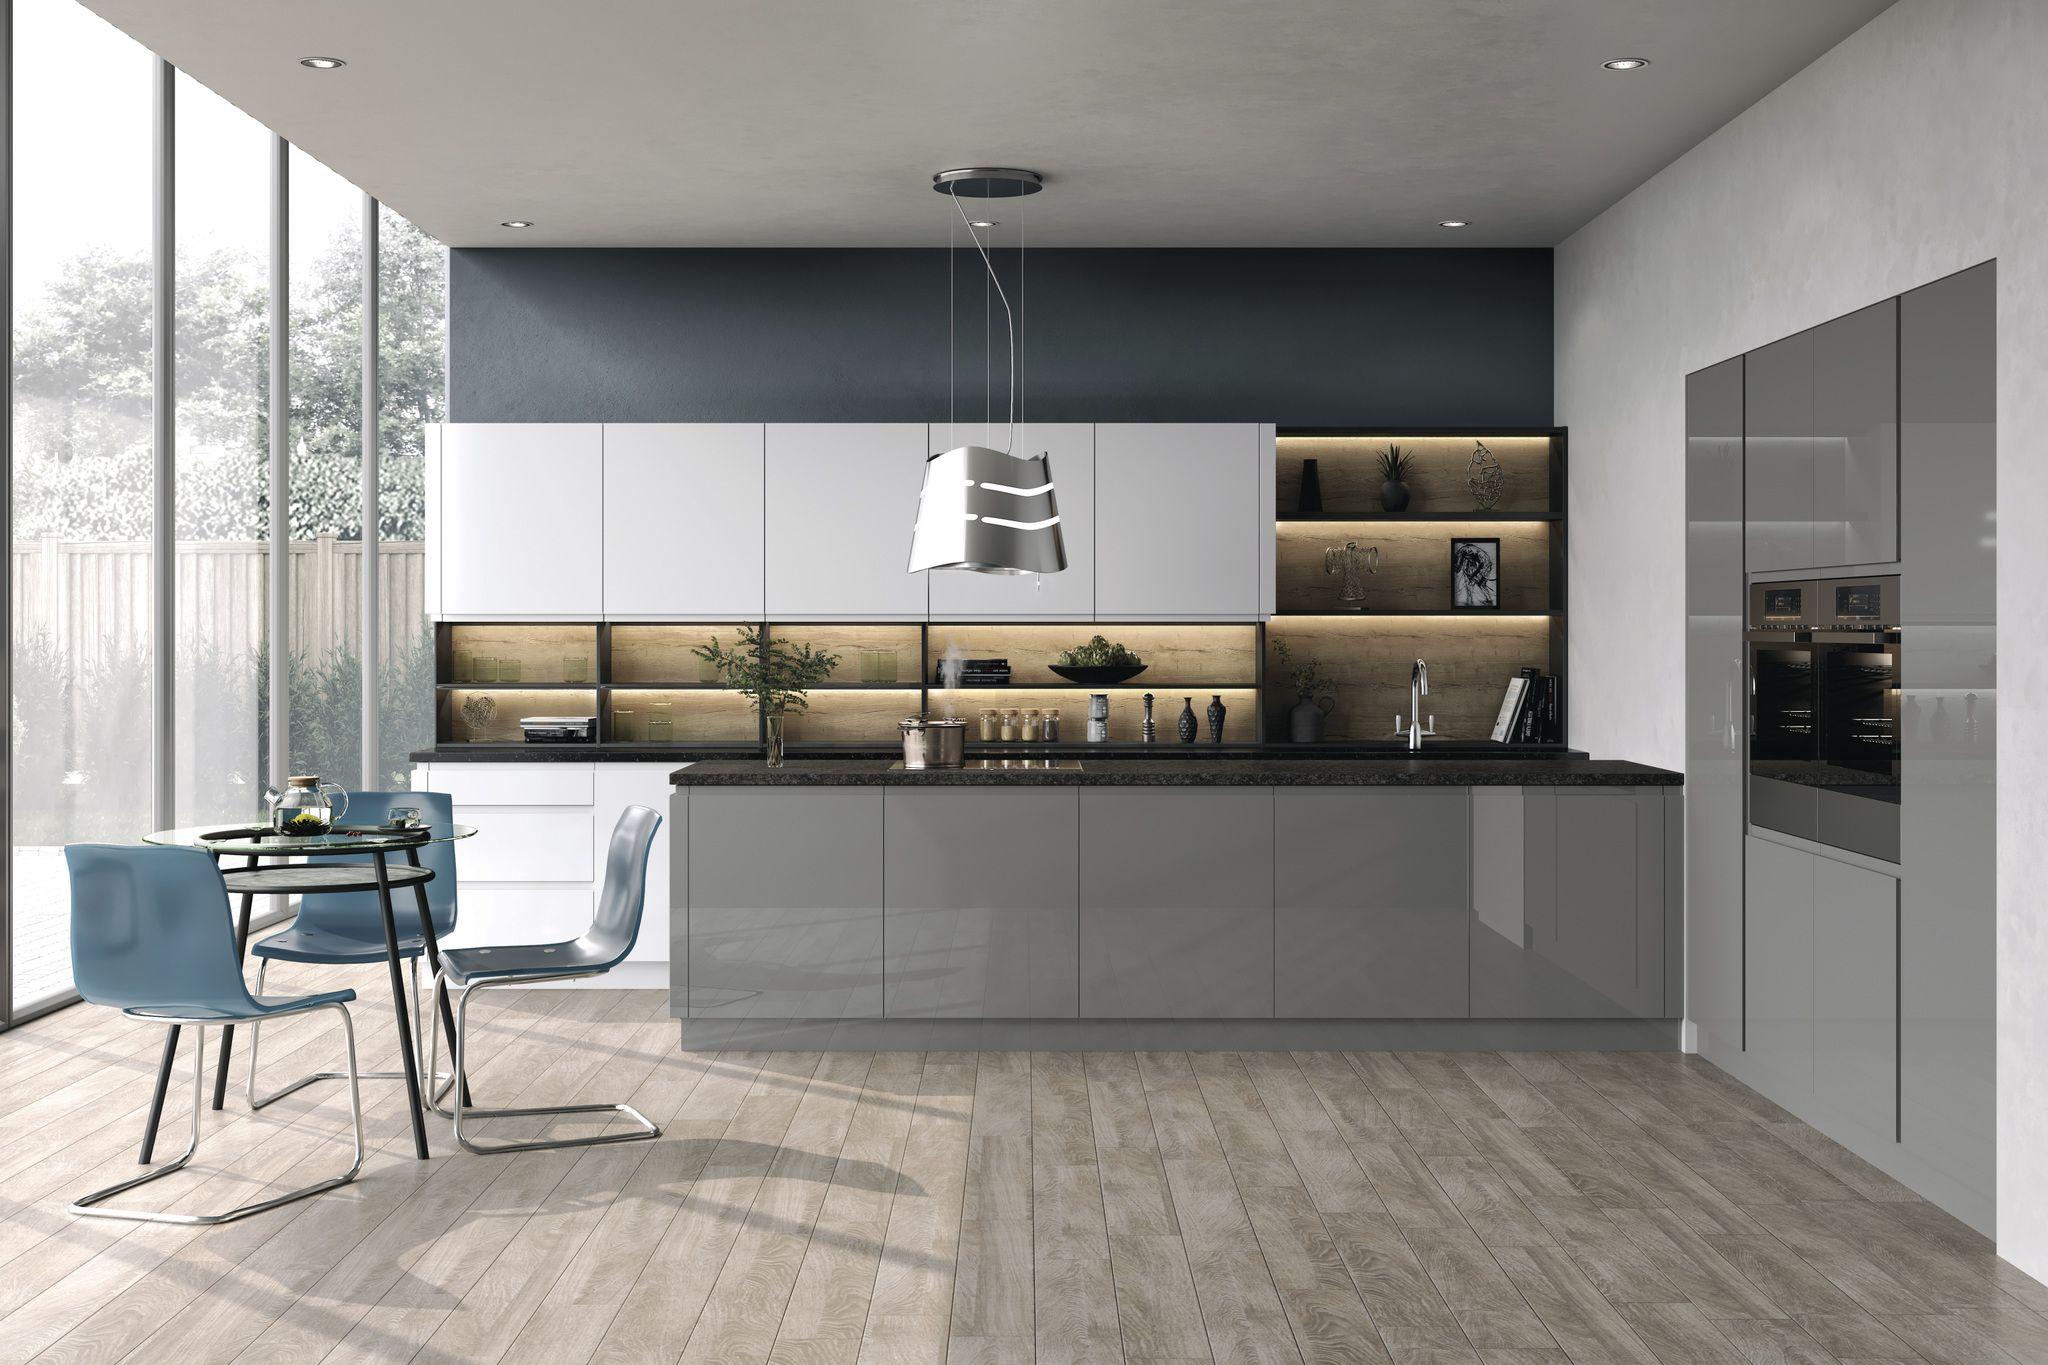 Handless Gloss Kitchen | White gloss kitchen, Grey gloss ...